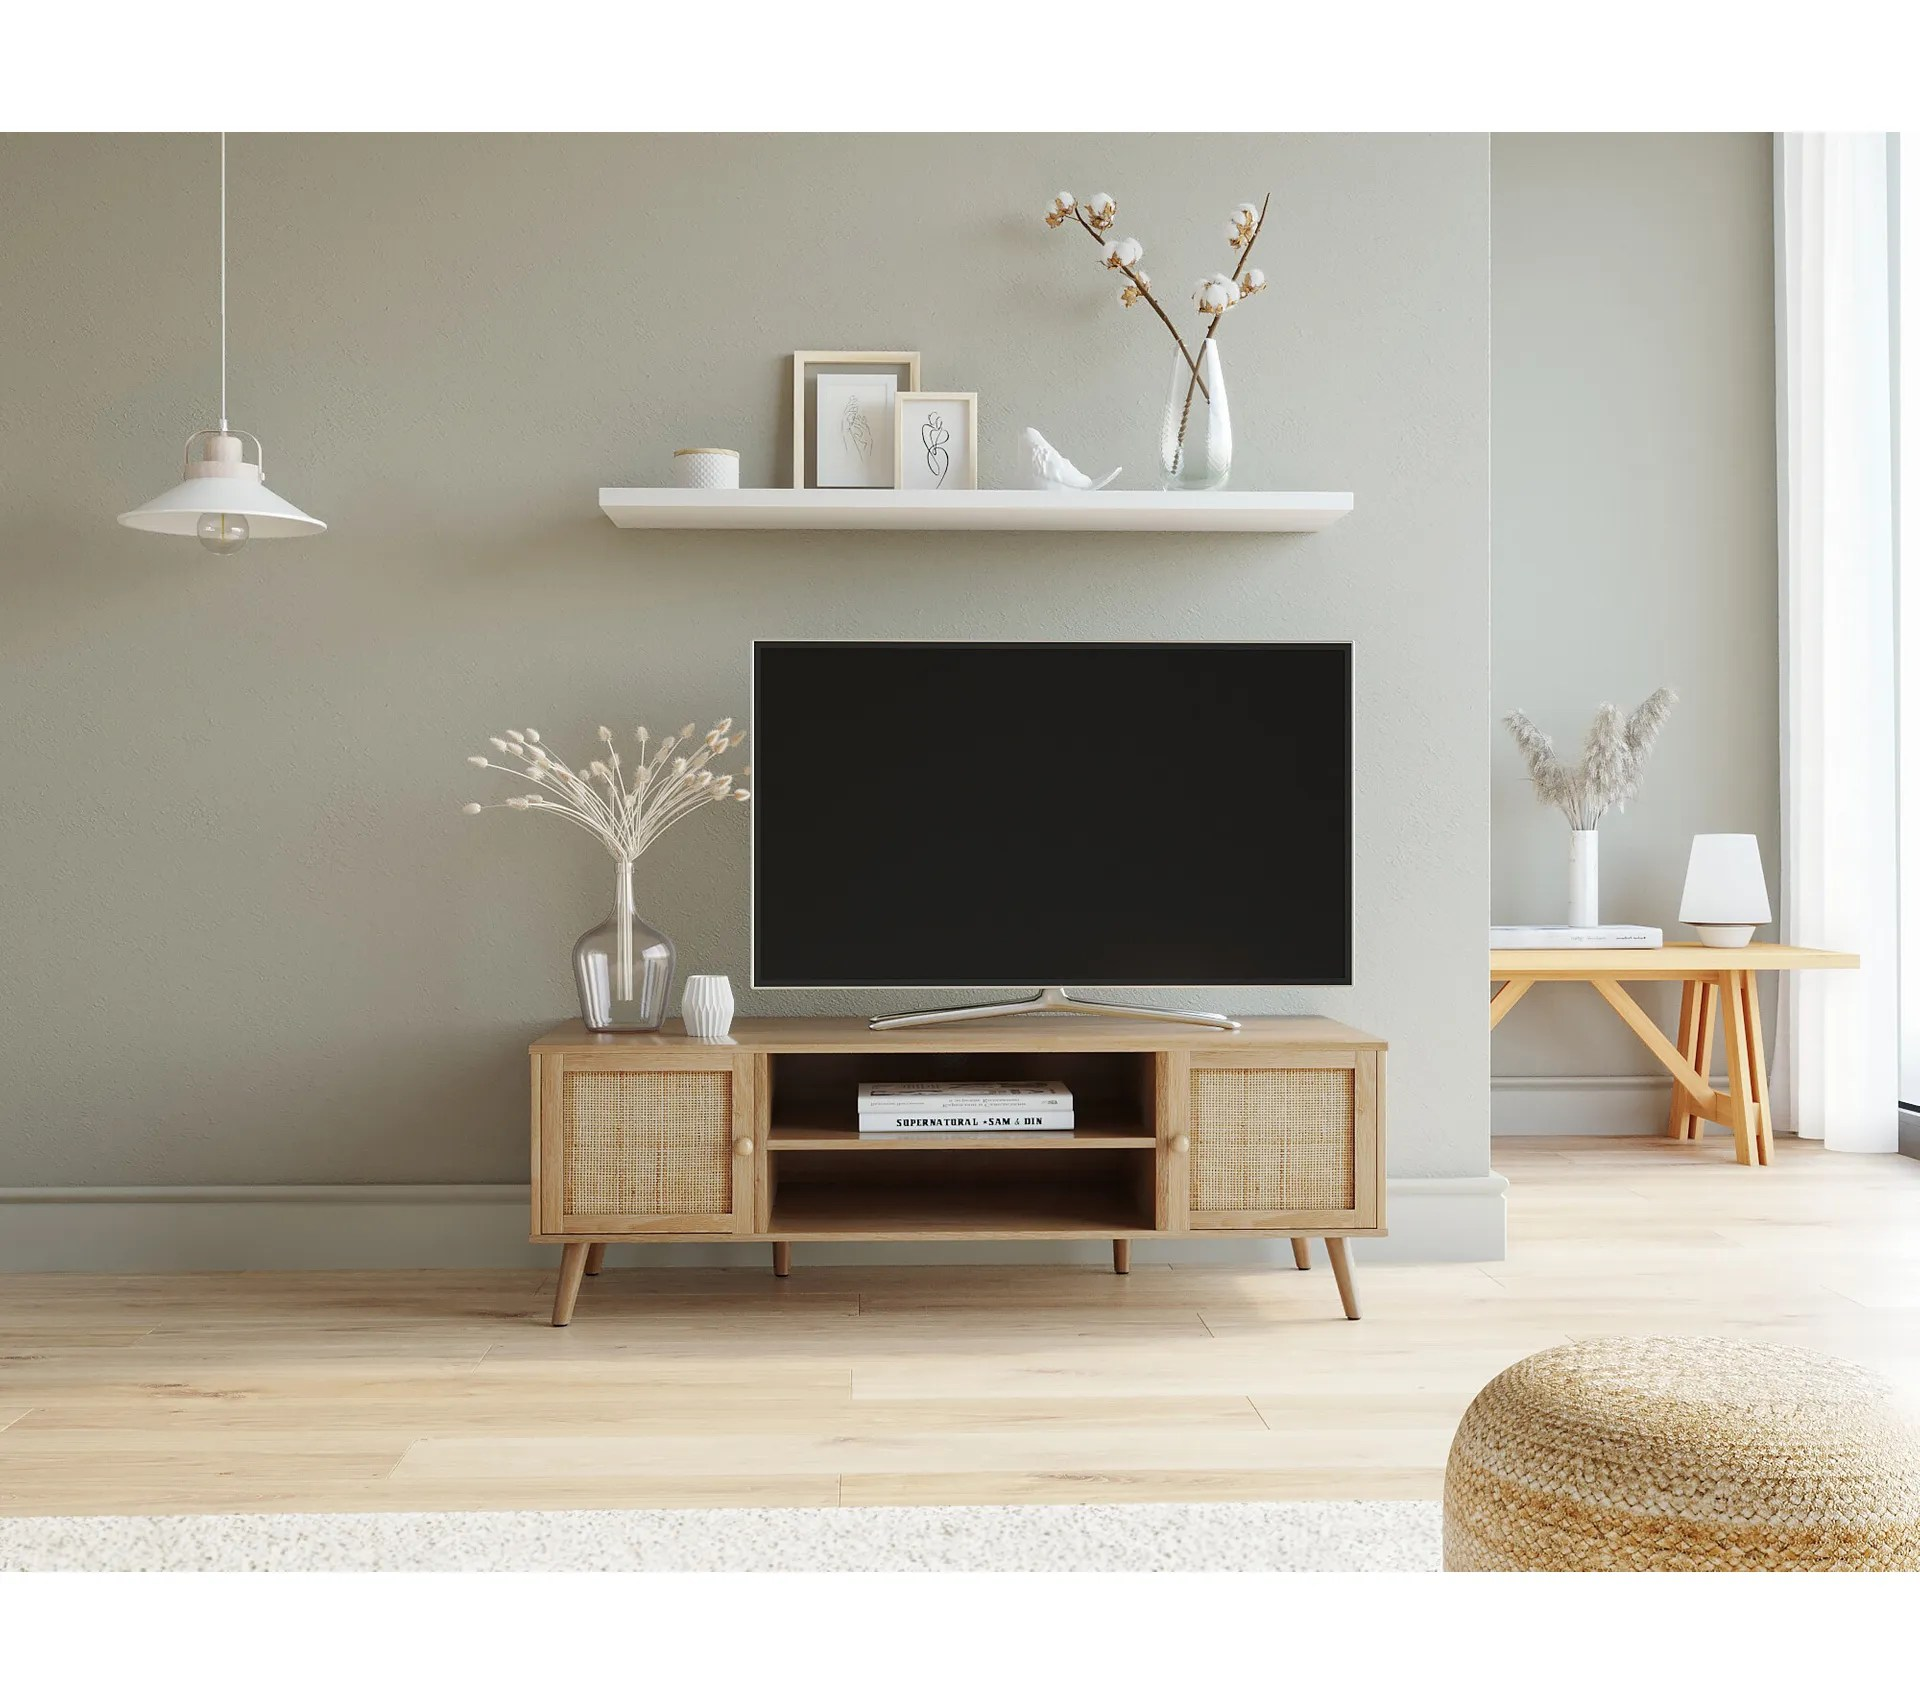 meuble tv bea naturel